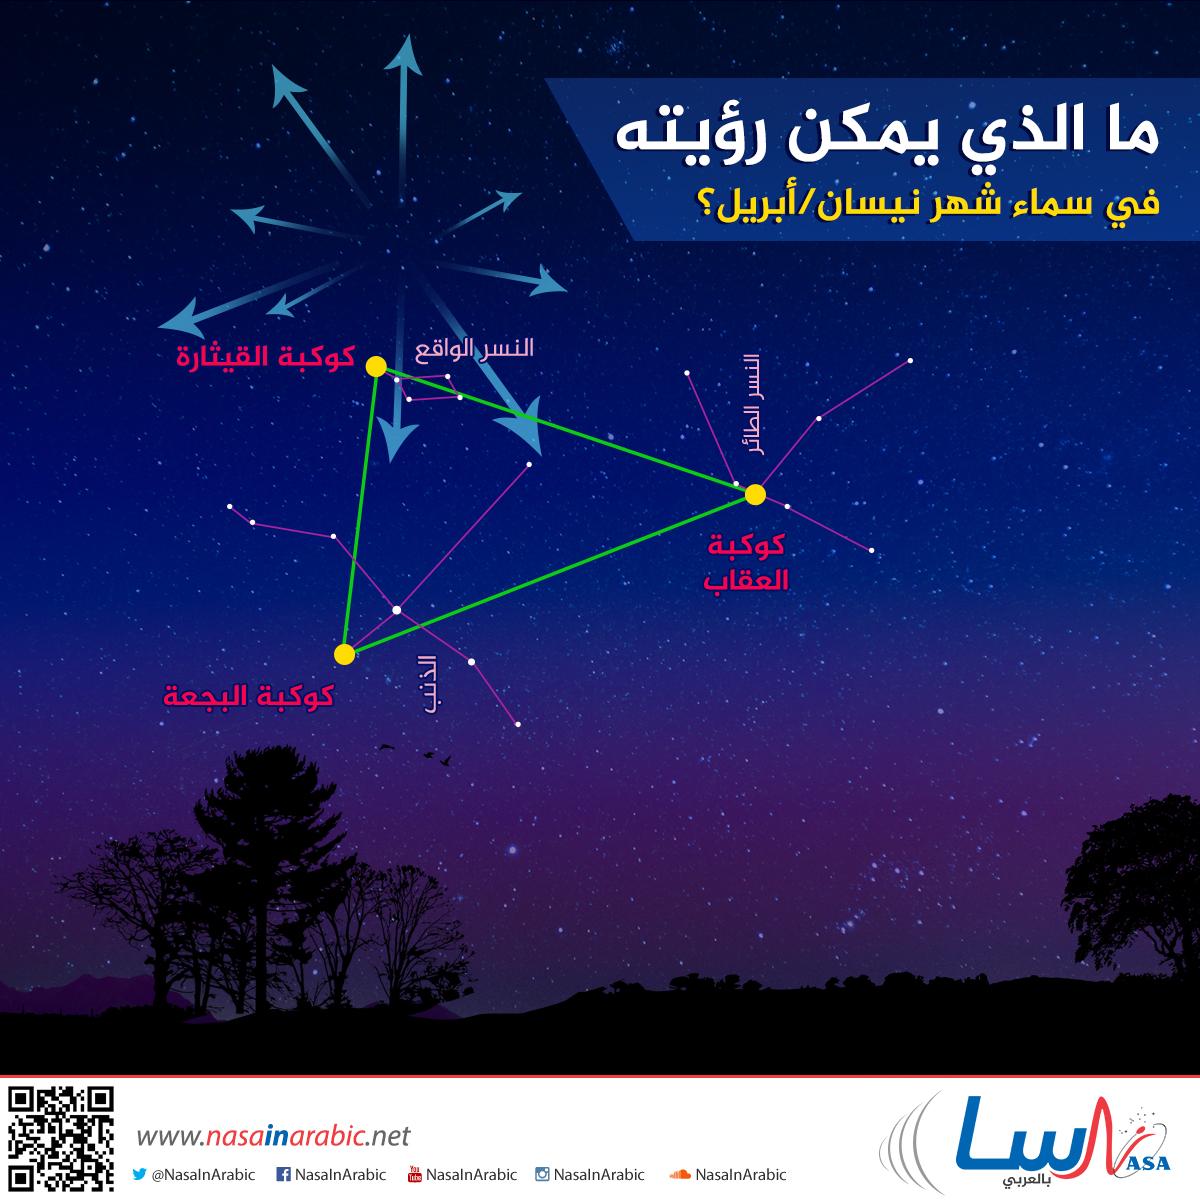 ما الذي يمكن رؤيته في سماء شهر نيسان/أبريل؟